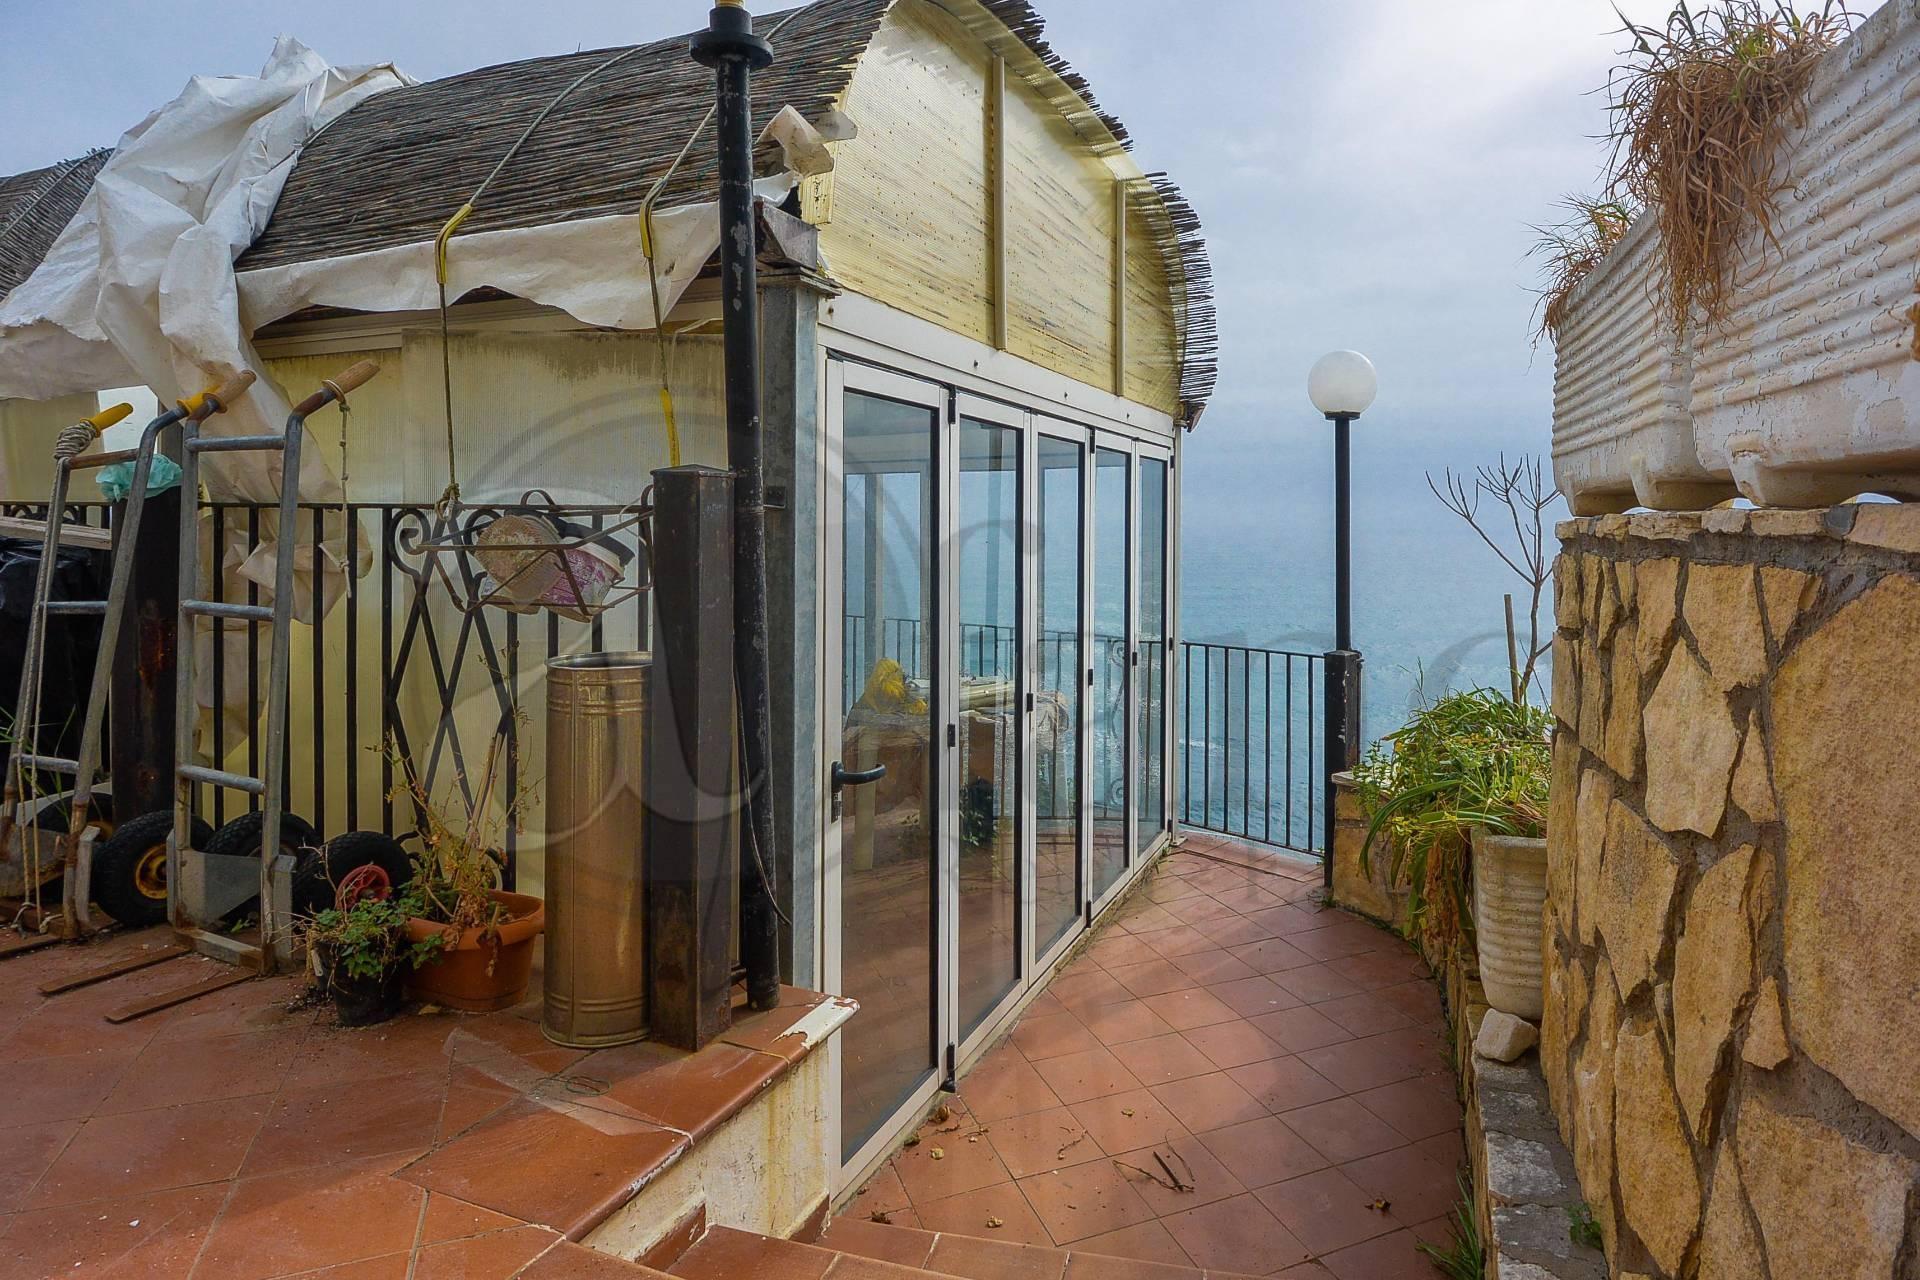 Negozio / Locale in vendita a Sperlonga, 9999 locali, prezzo € 600.000 | CambioCasa.it